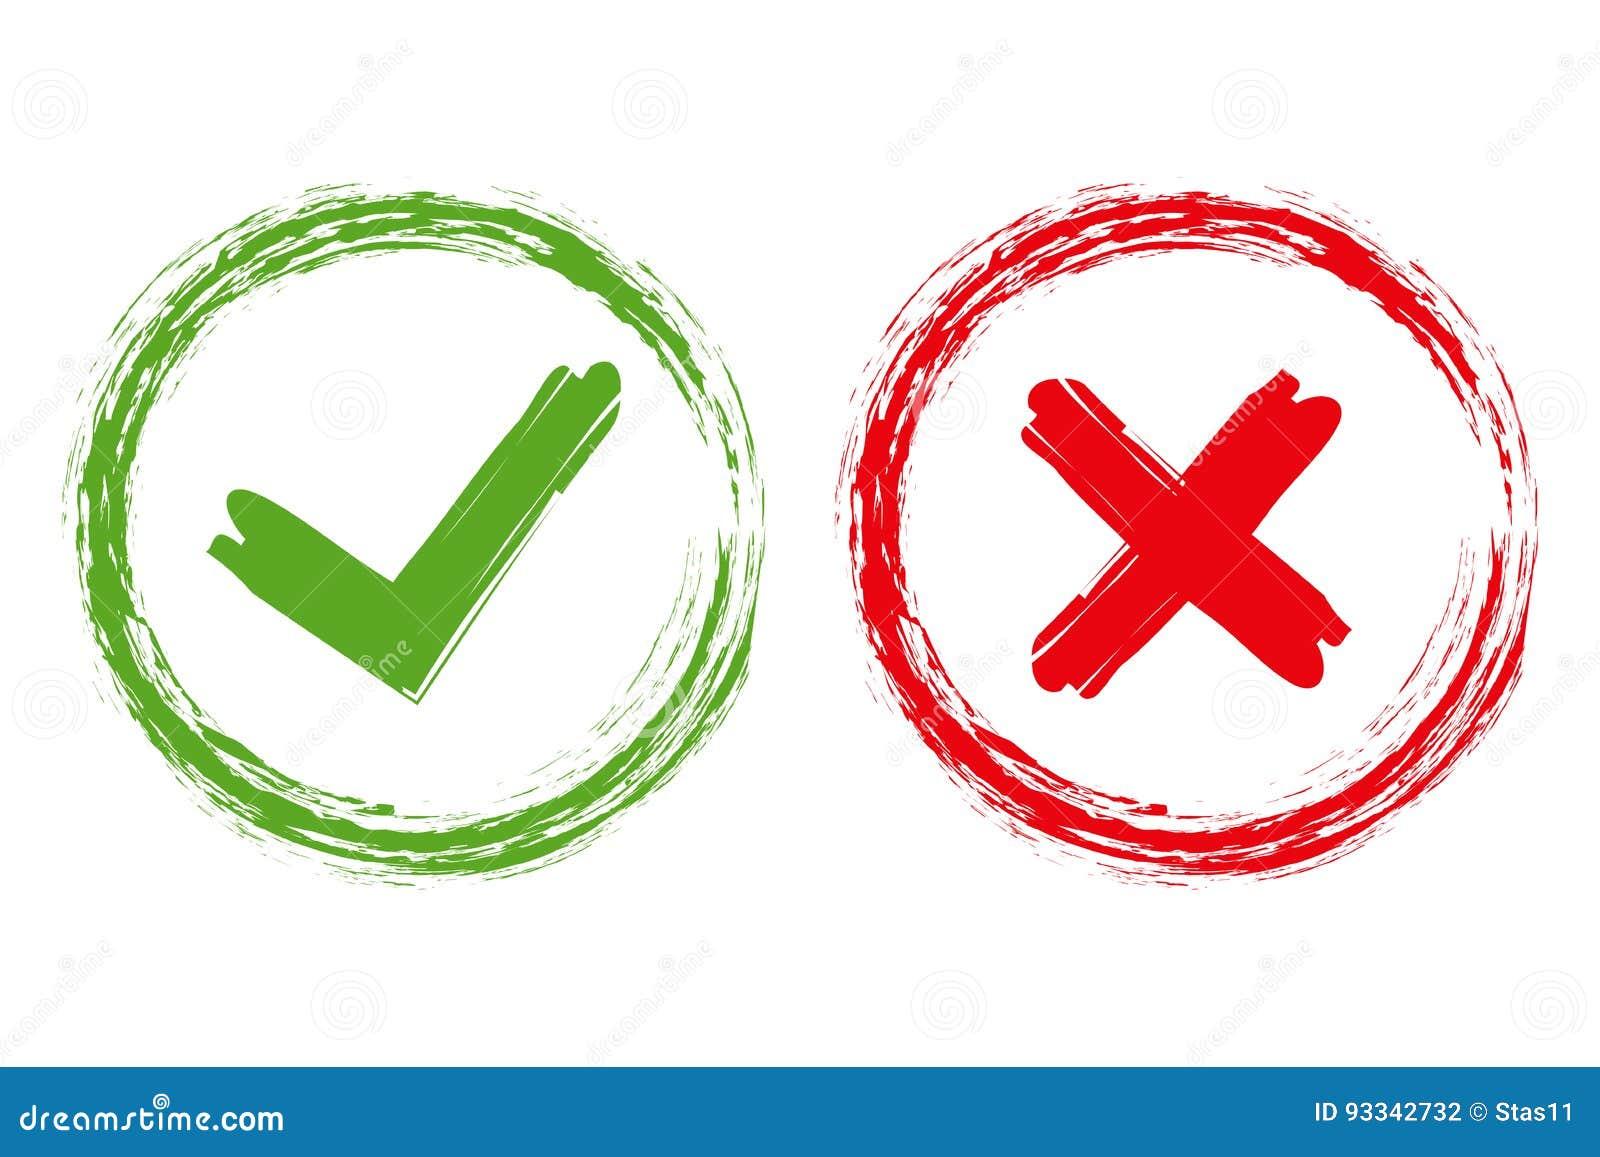 壁虱和十字架刷子标志 好绿色的检查号和红色X象,隔绝在白色背景 简单的标记图形设计 符号